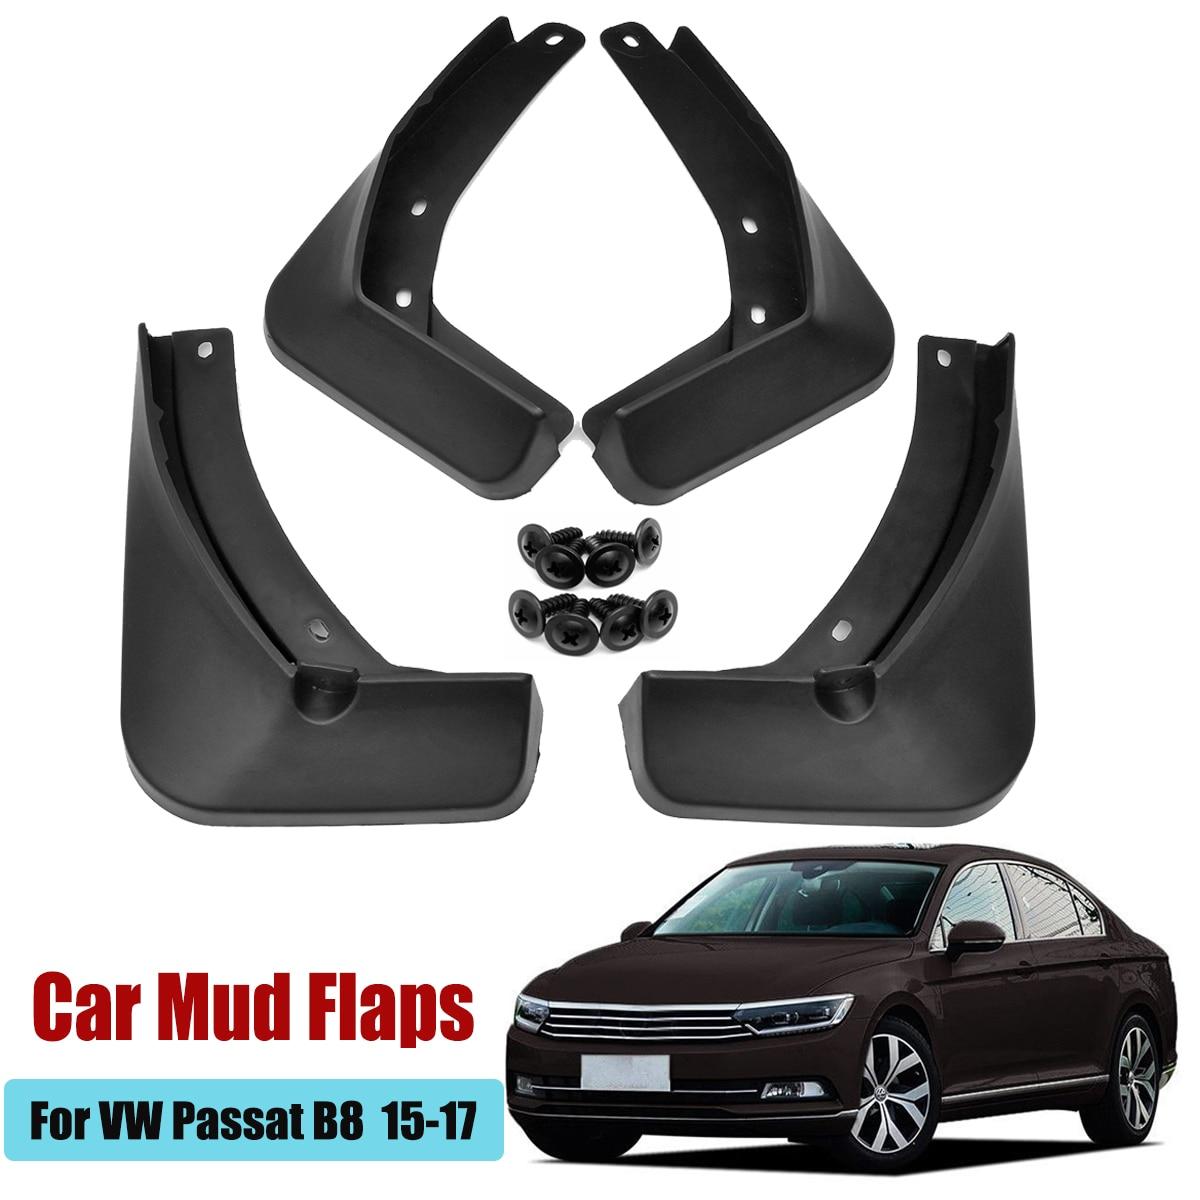 Garde-boue garde-boue garde-boue garde-boue accessoires pour VW Passat B8 2015 2016 2017 2018 2019